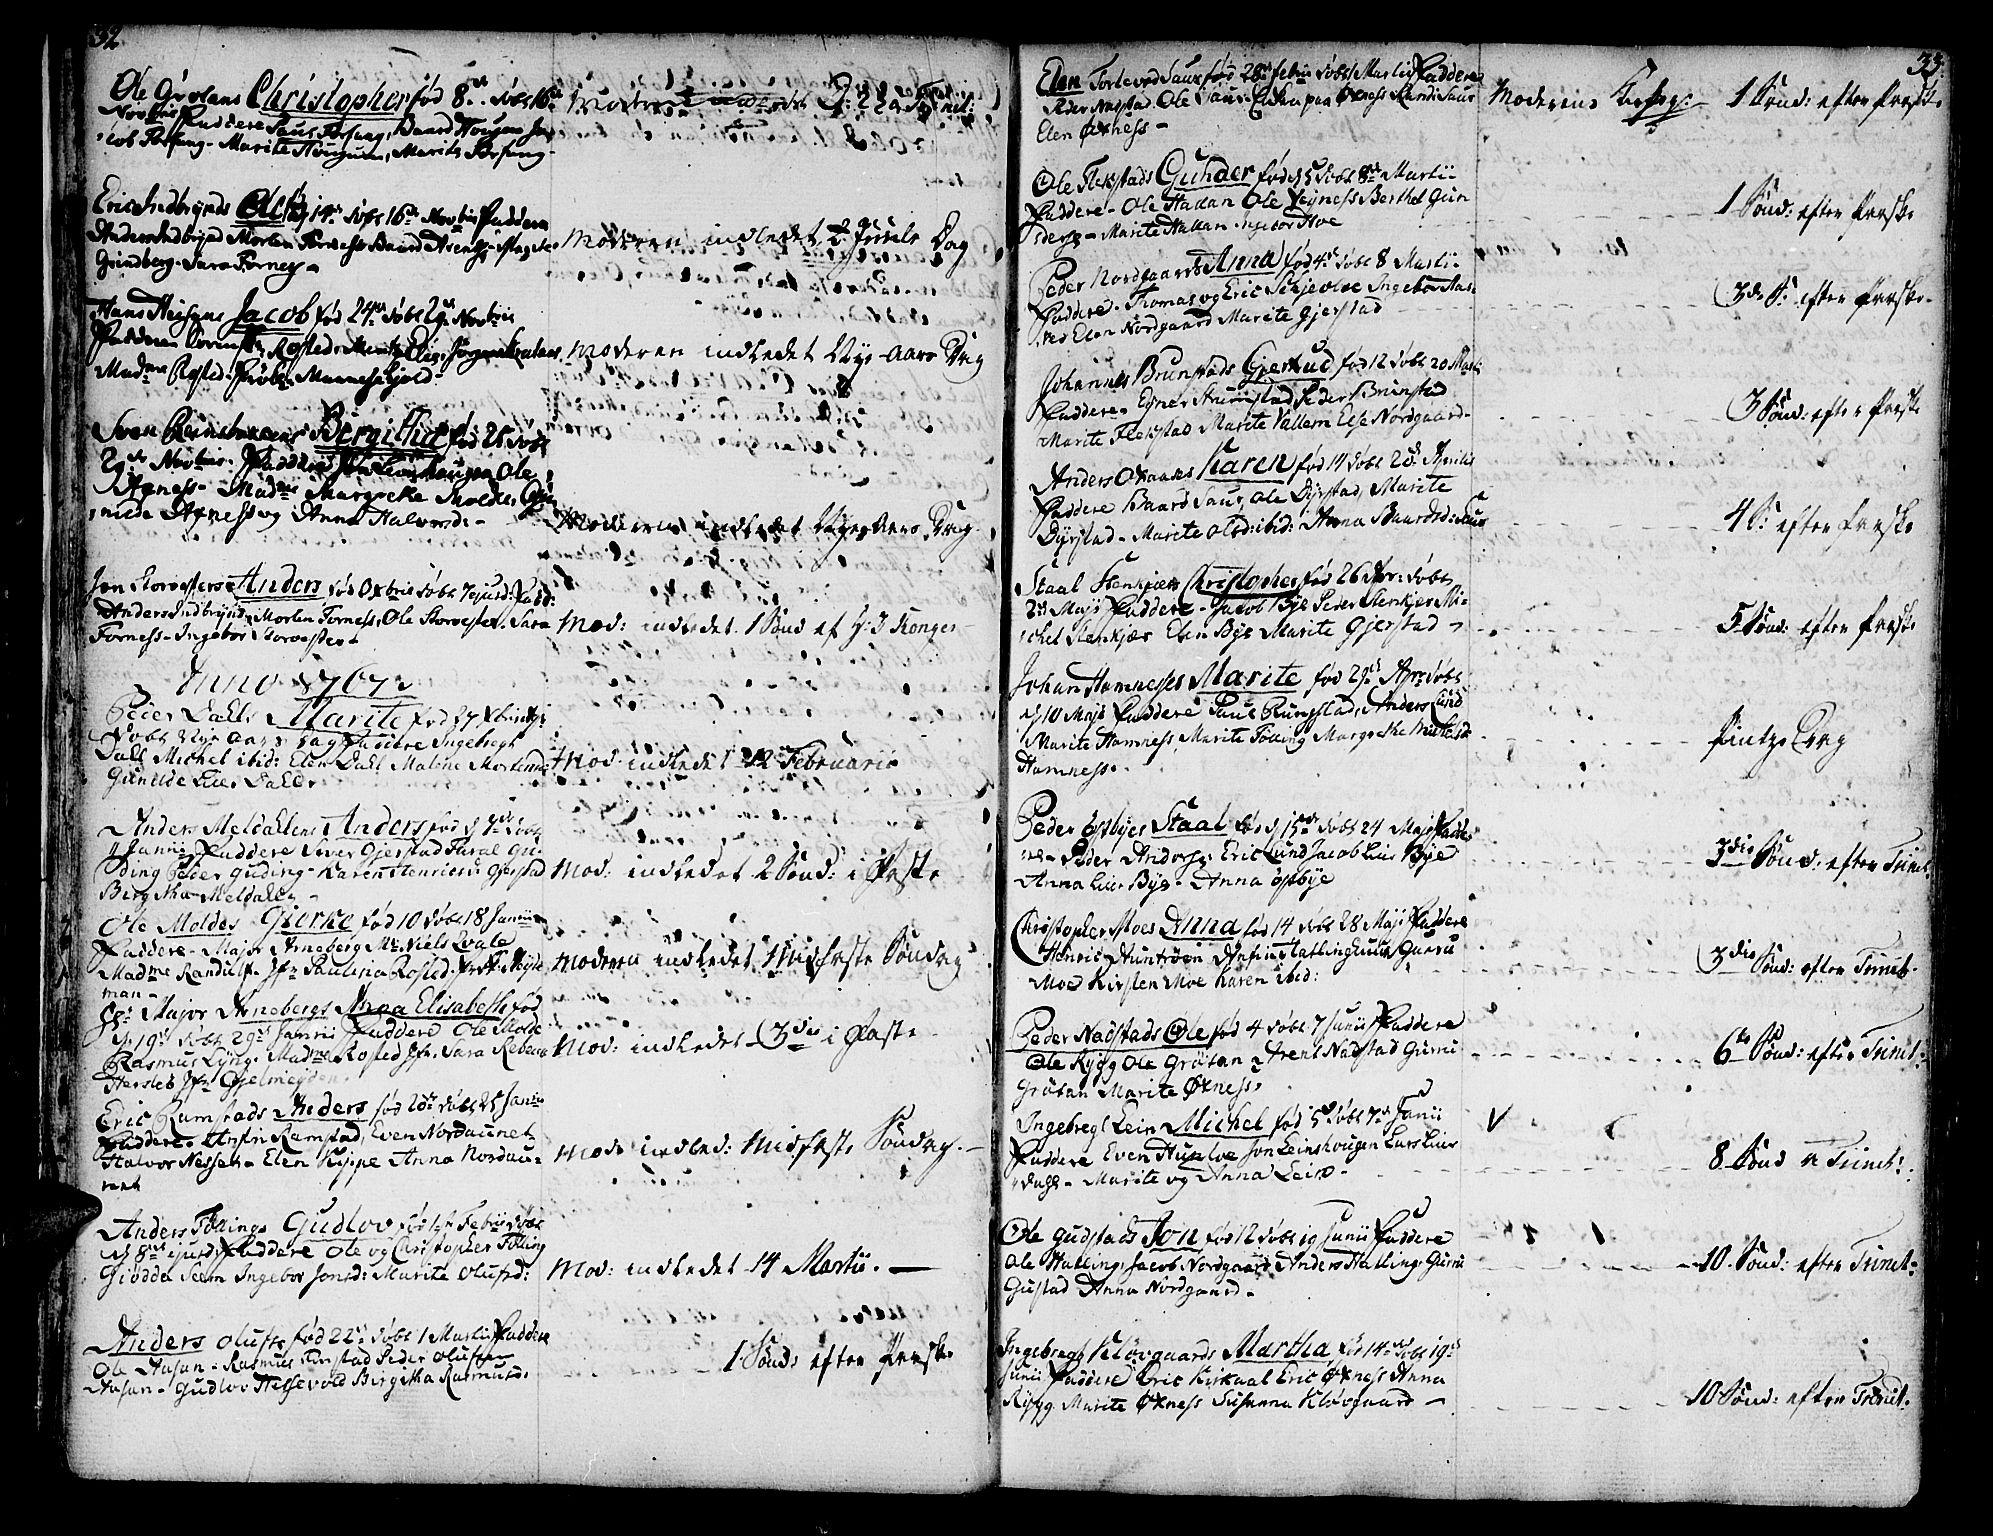 SAT, Ministerialprotokoller, klokkerbøker og fødselsregistre - Nord-Trøndelag, 746/L0440: Ministerialbok nr. 746A02, 1760-1815, s. 32-33